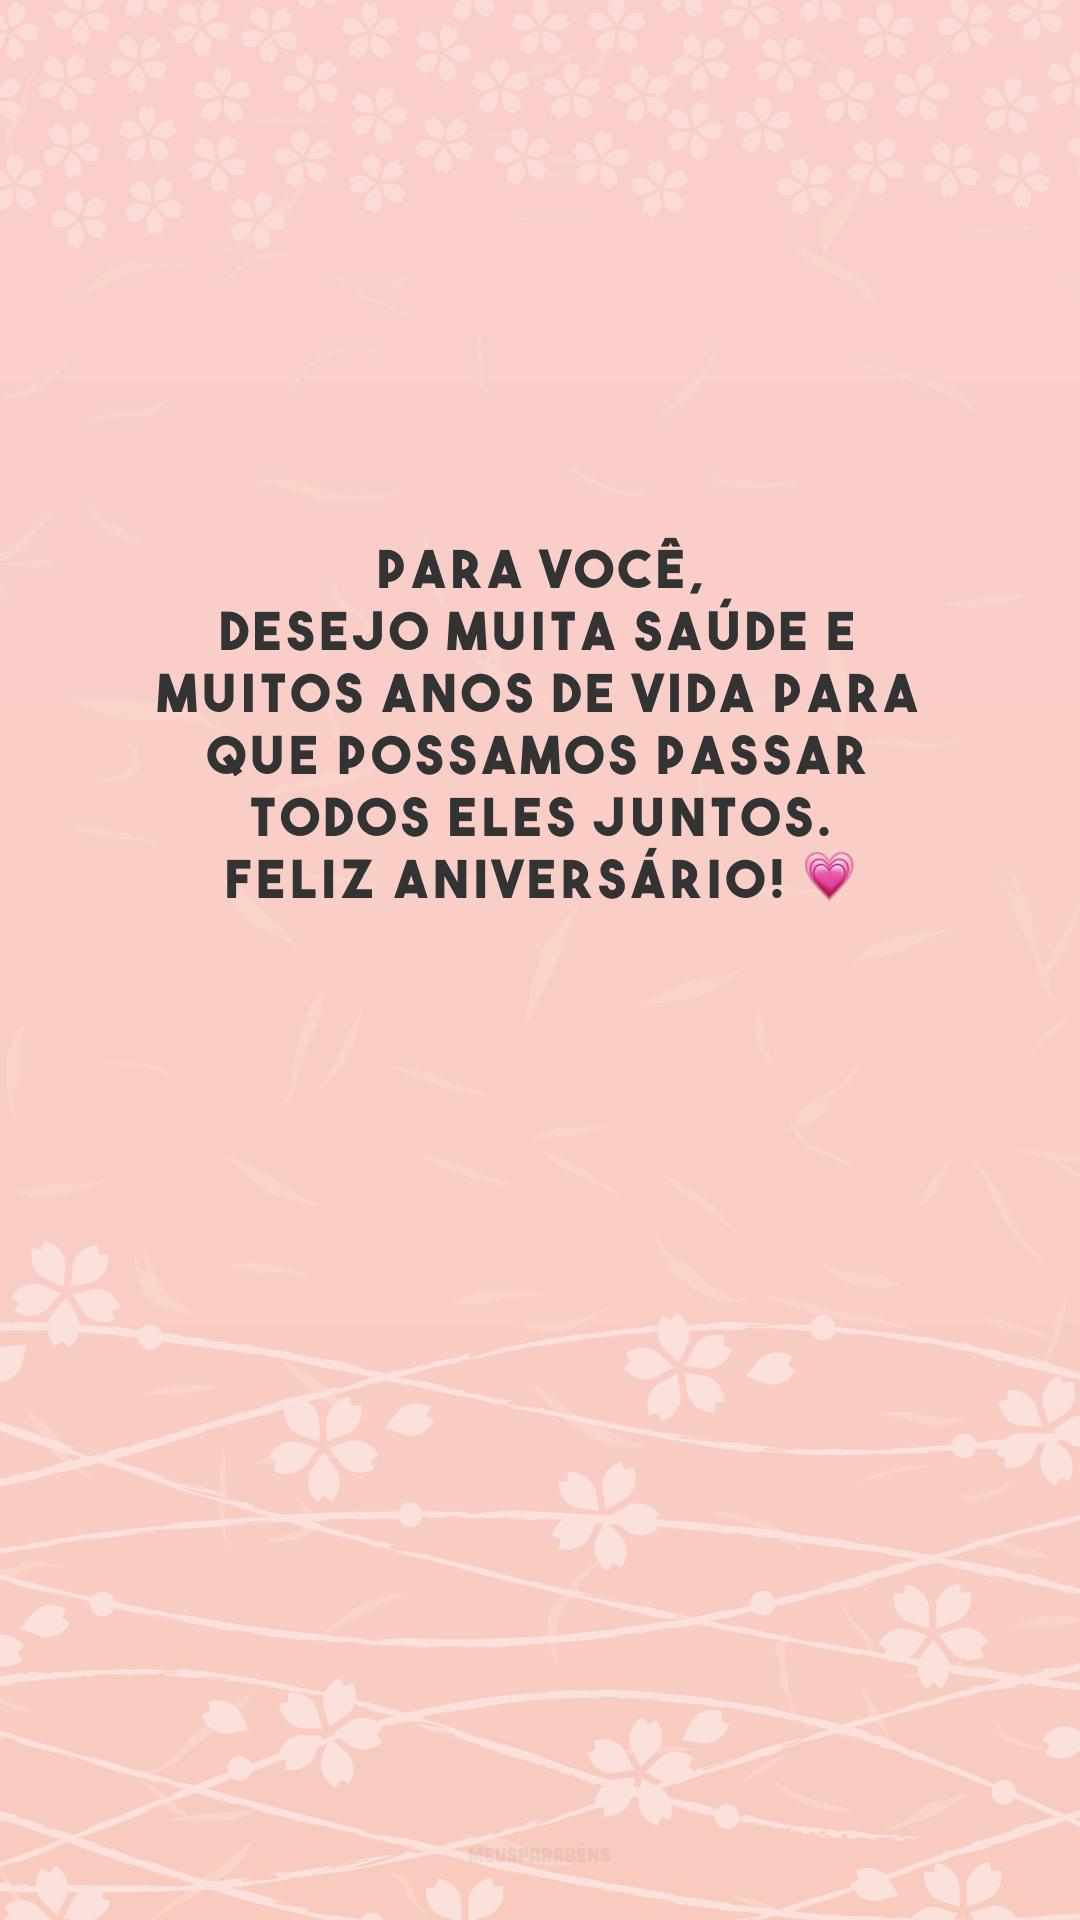 Para você, desejo muita saúde e muitos anos de vida para que possamos passar todos eles juntos. Feliz aniversário! 💗